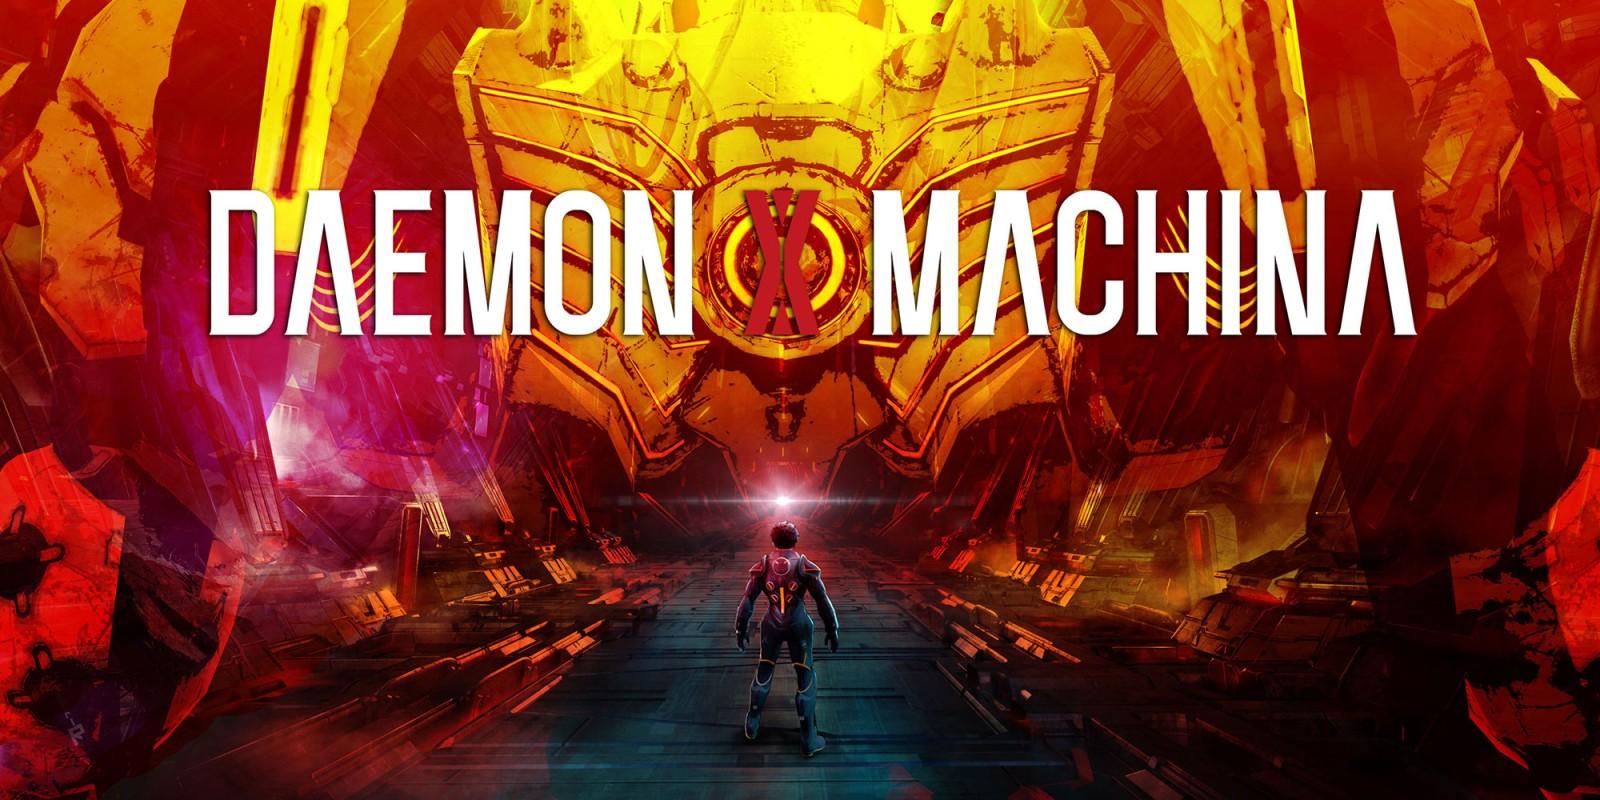 Demo de Daemon X Machina será retirada da eShop na próxima semana